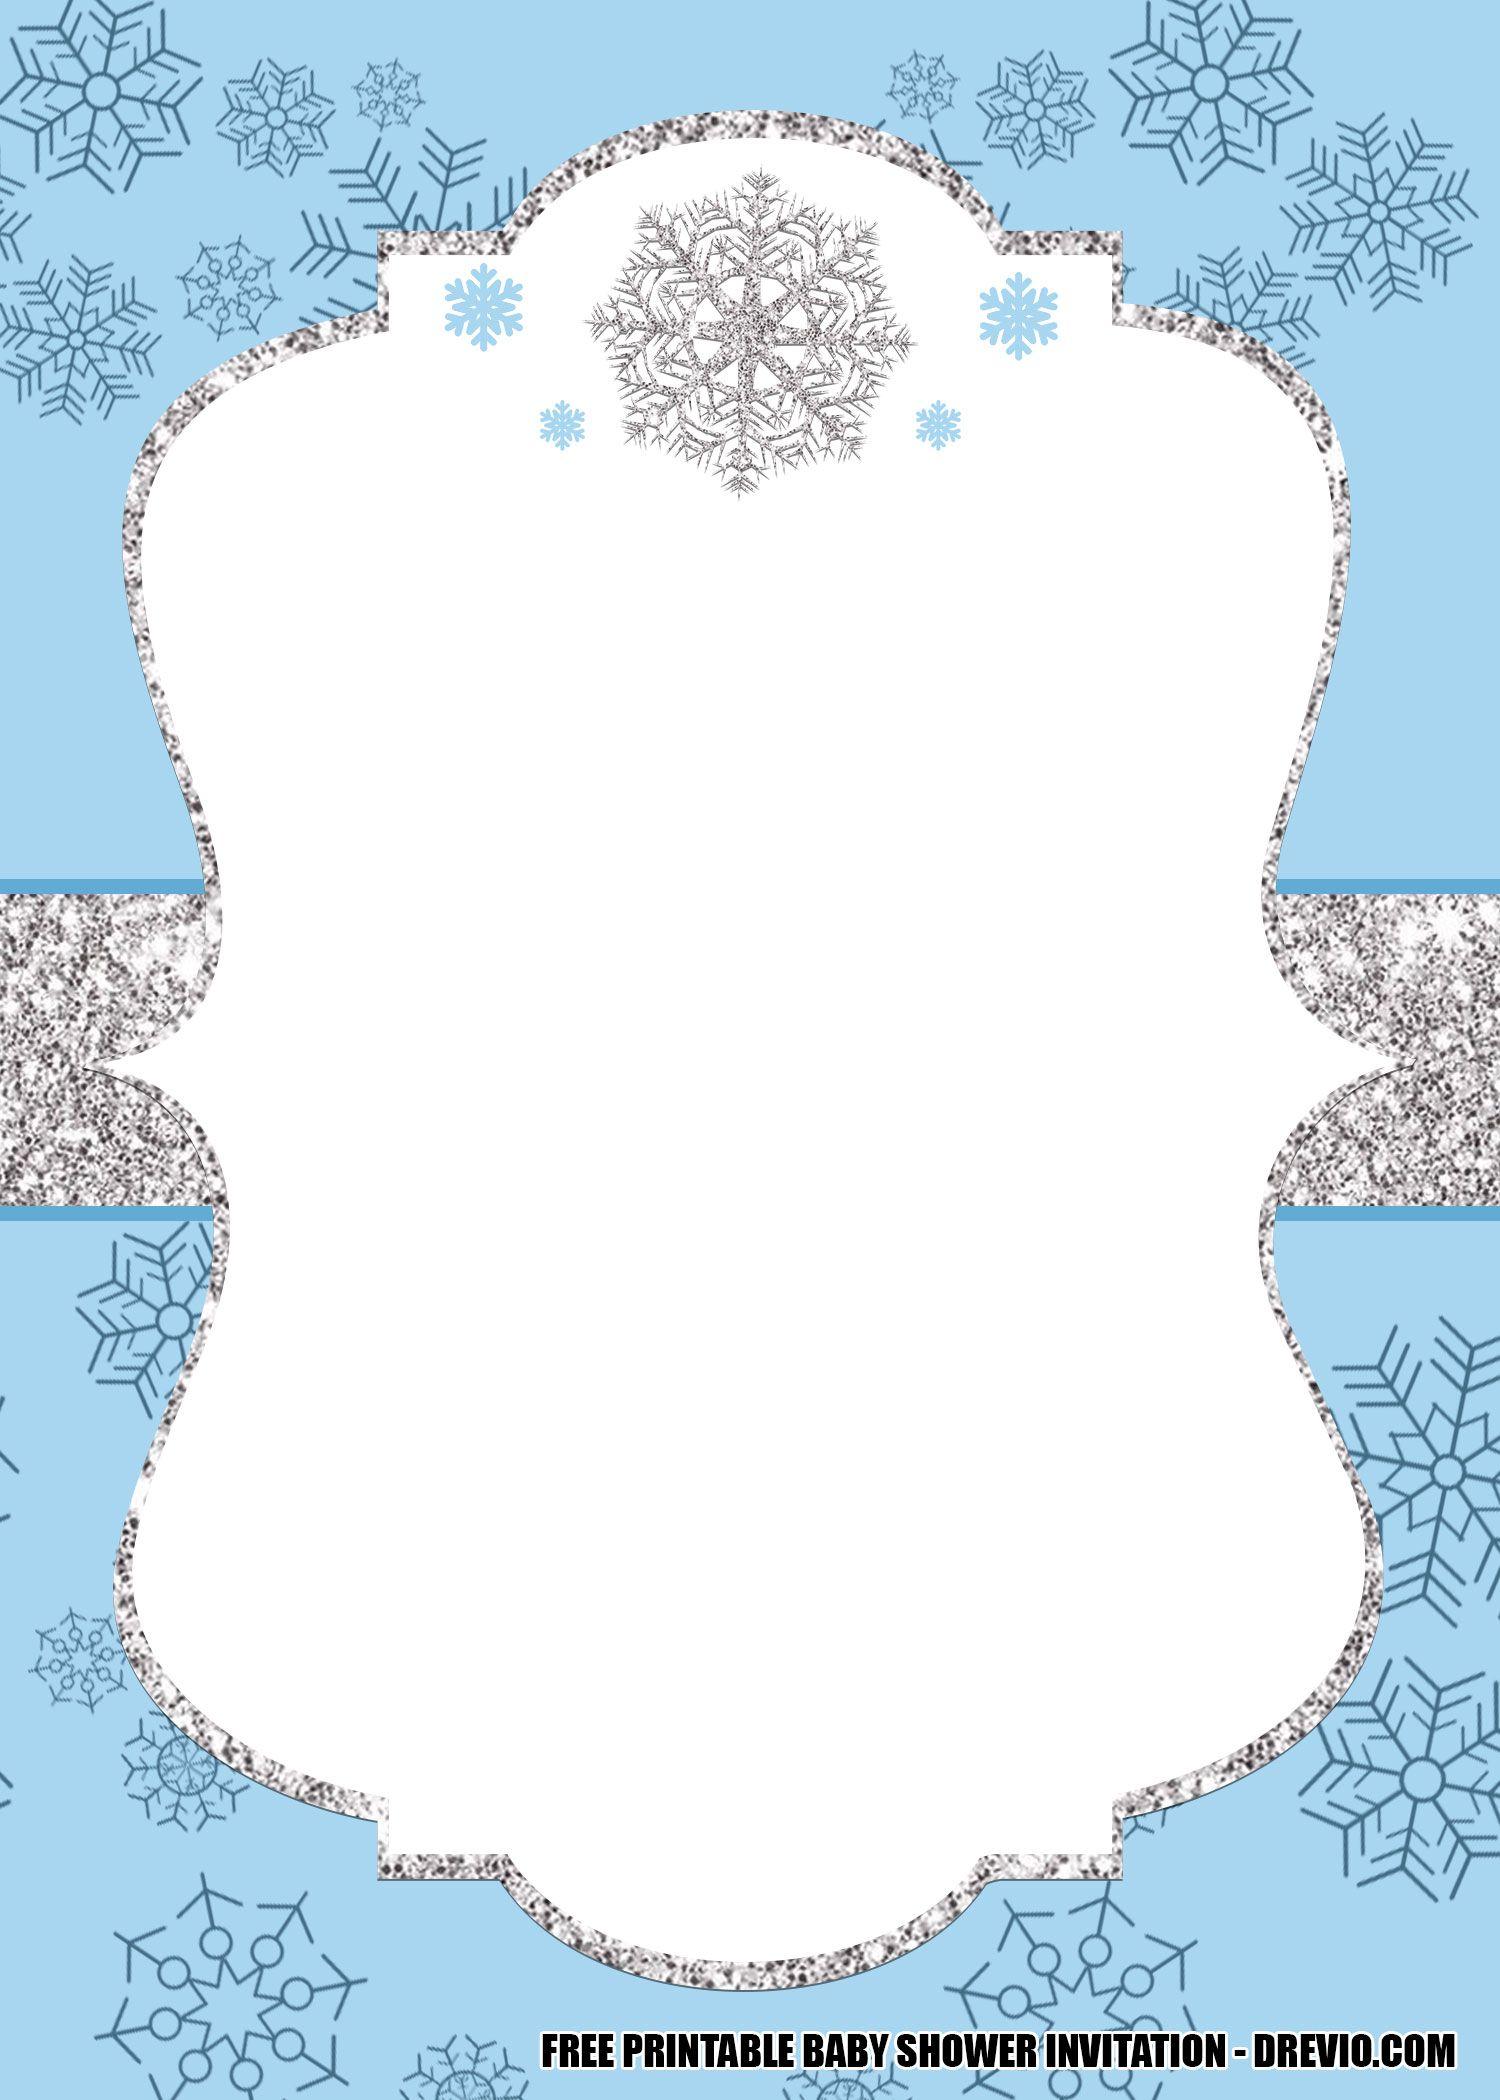 Free Winter Wonderland Baby Shower Invitation Templates Editable Winter Wonderland Baby Shower Baby Shower Invitation Templates Baby Shower Invitations